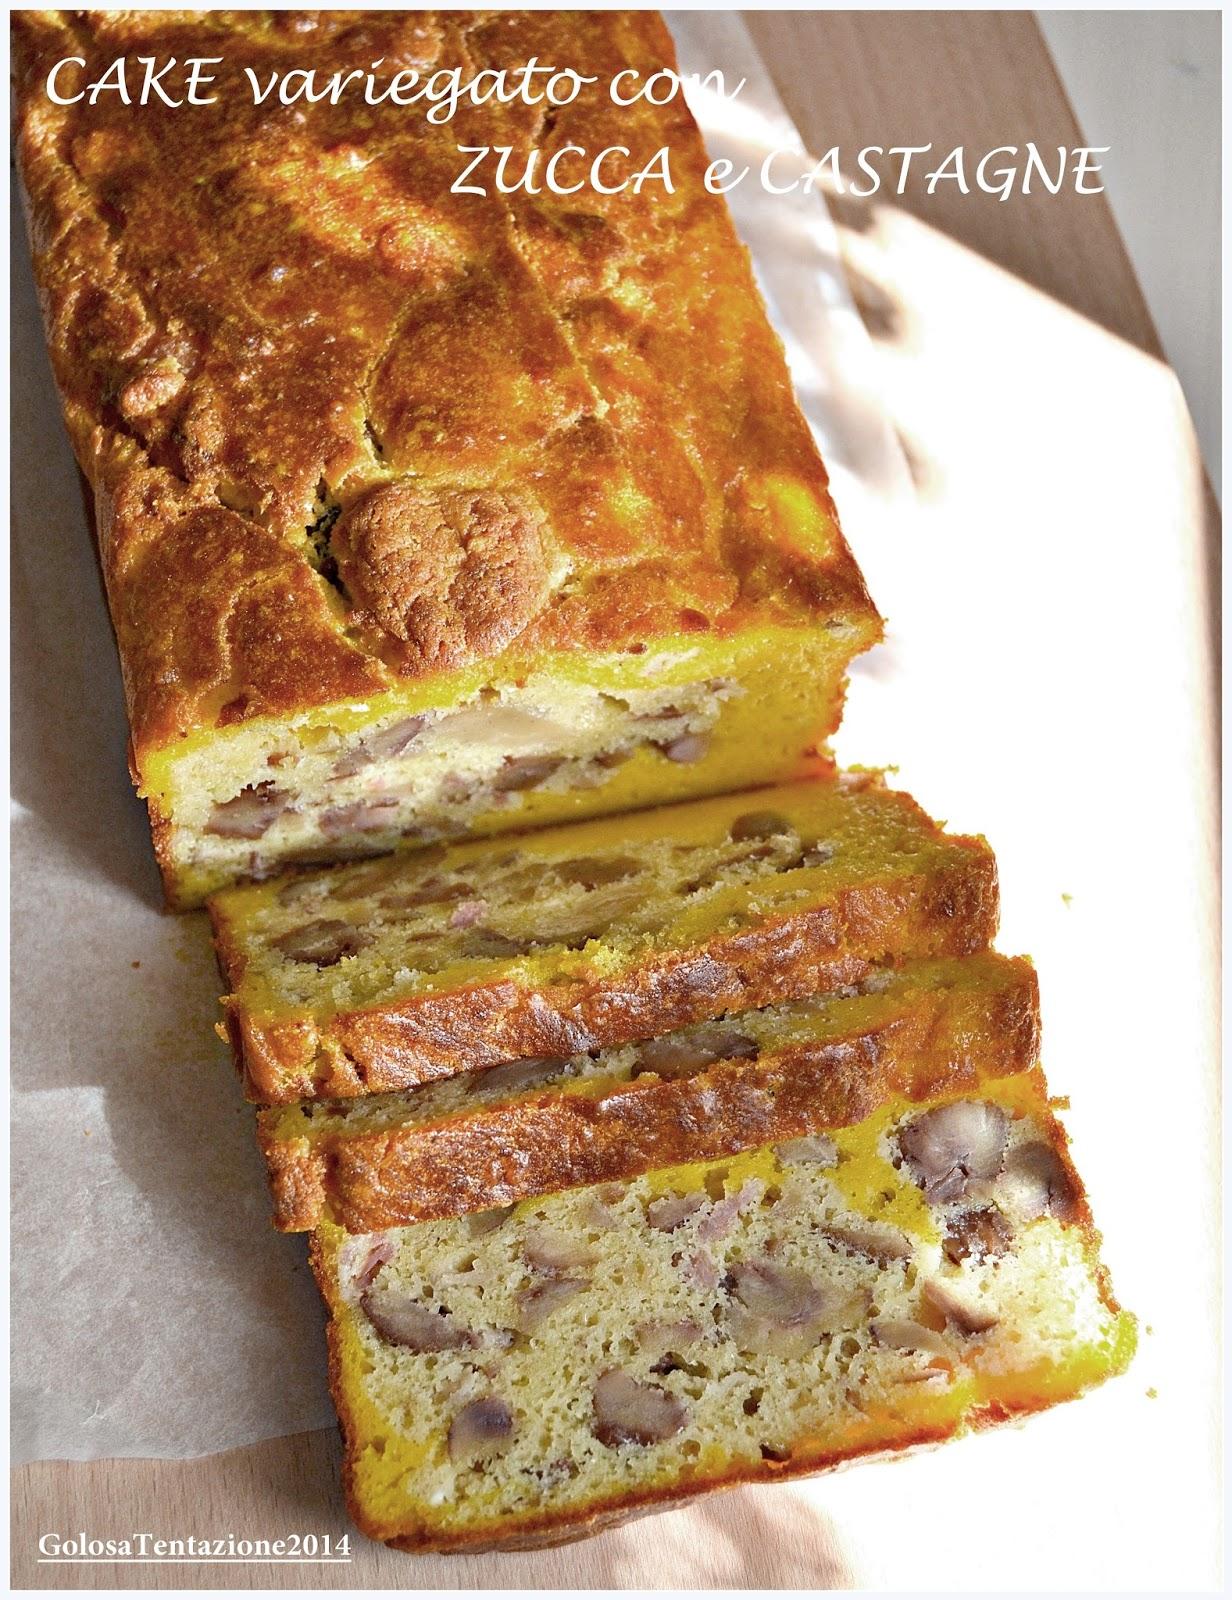 cake variegato con zucca e castagne